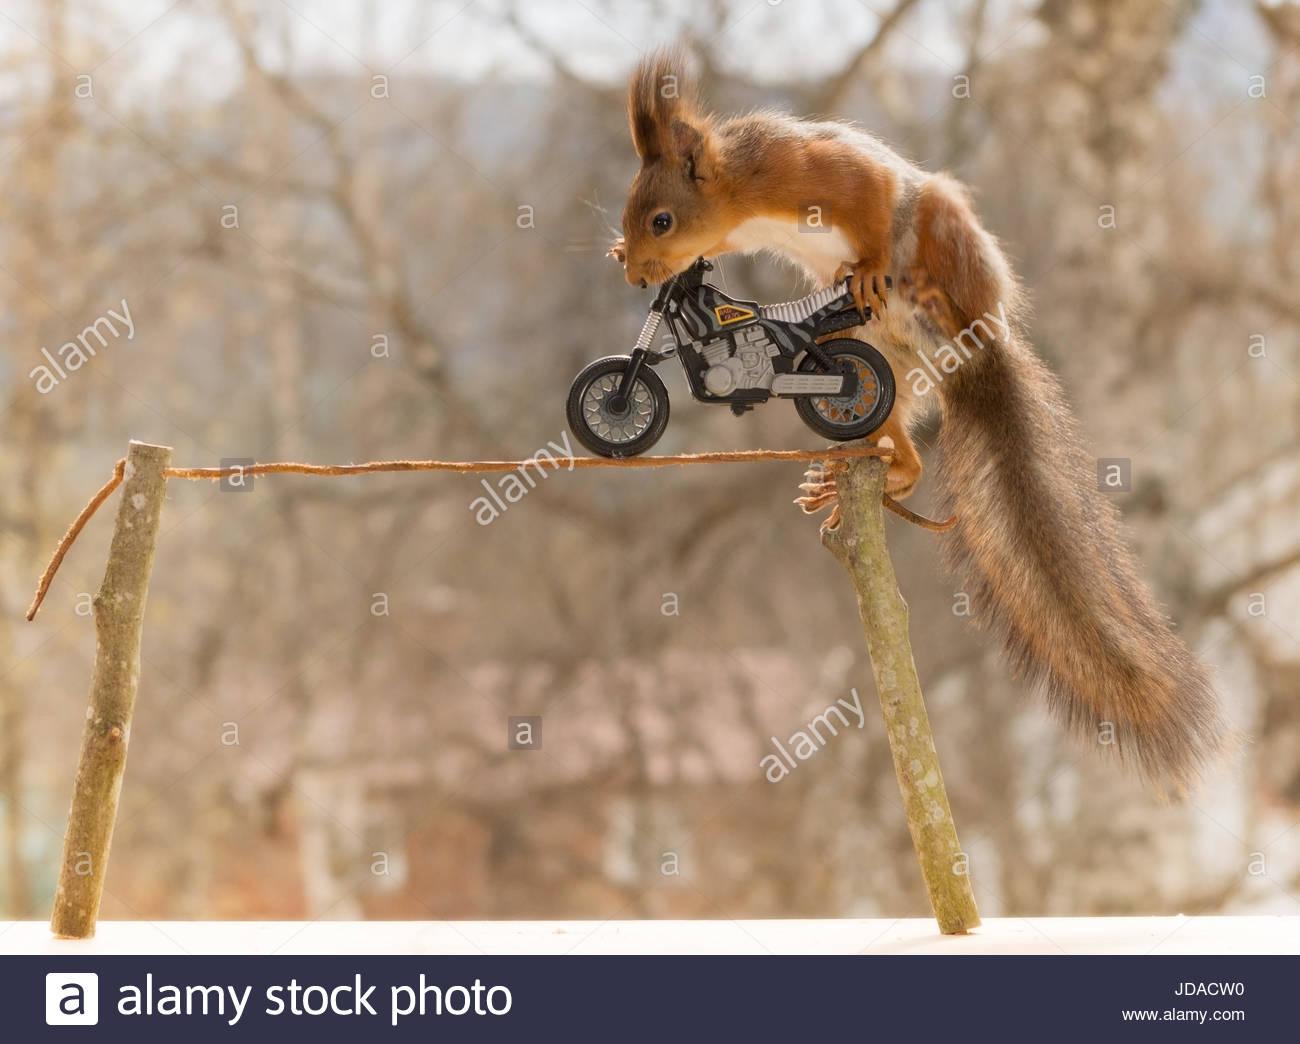 Eichhörnchen stehend auf einem Motorrad auf einem Draht Stockfoto ...